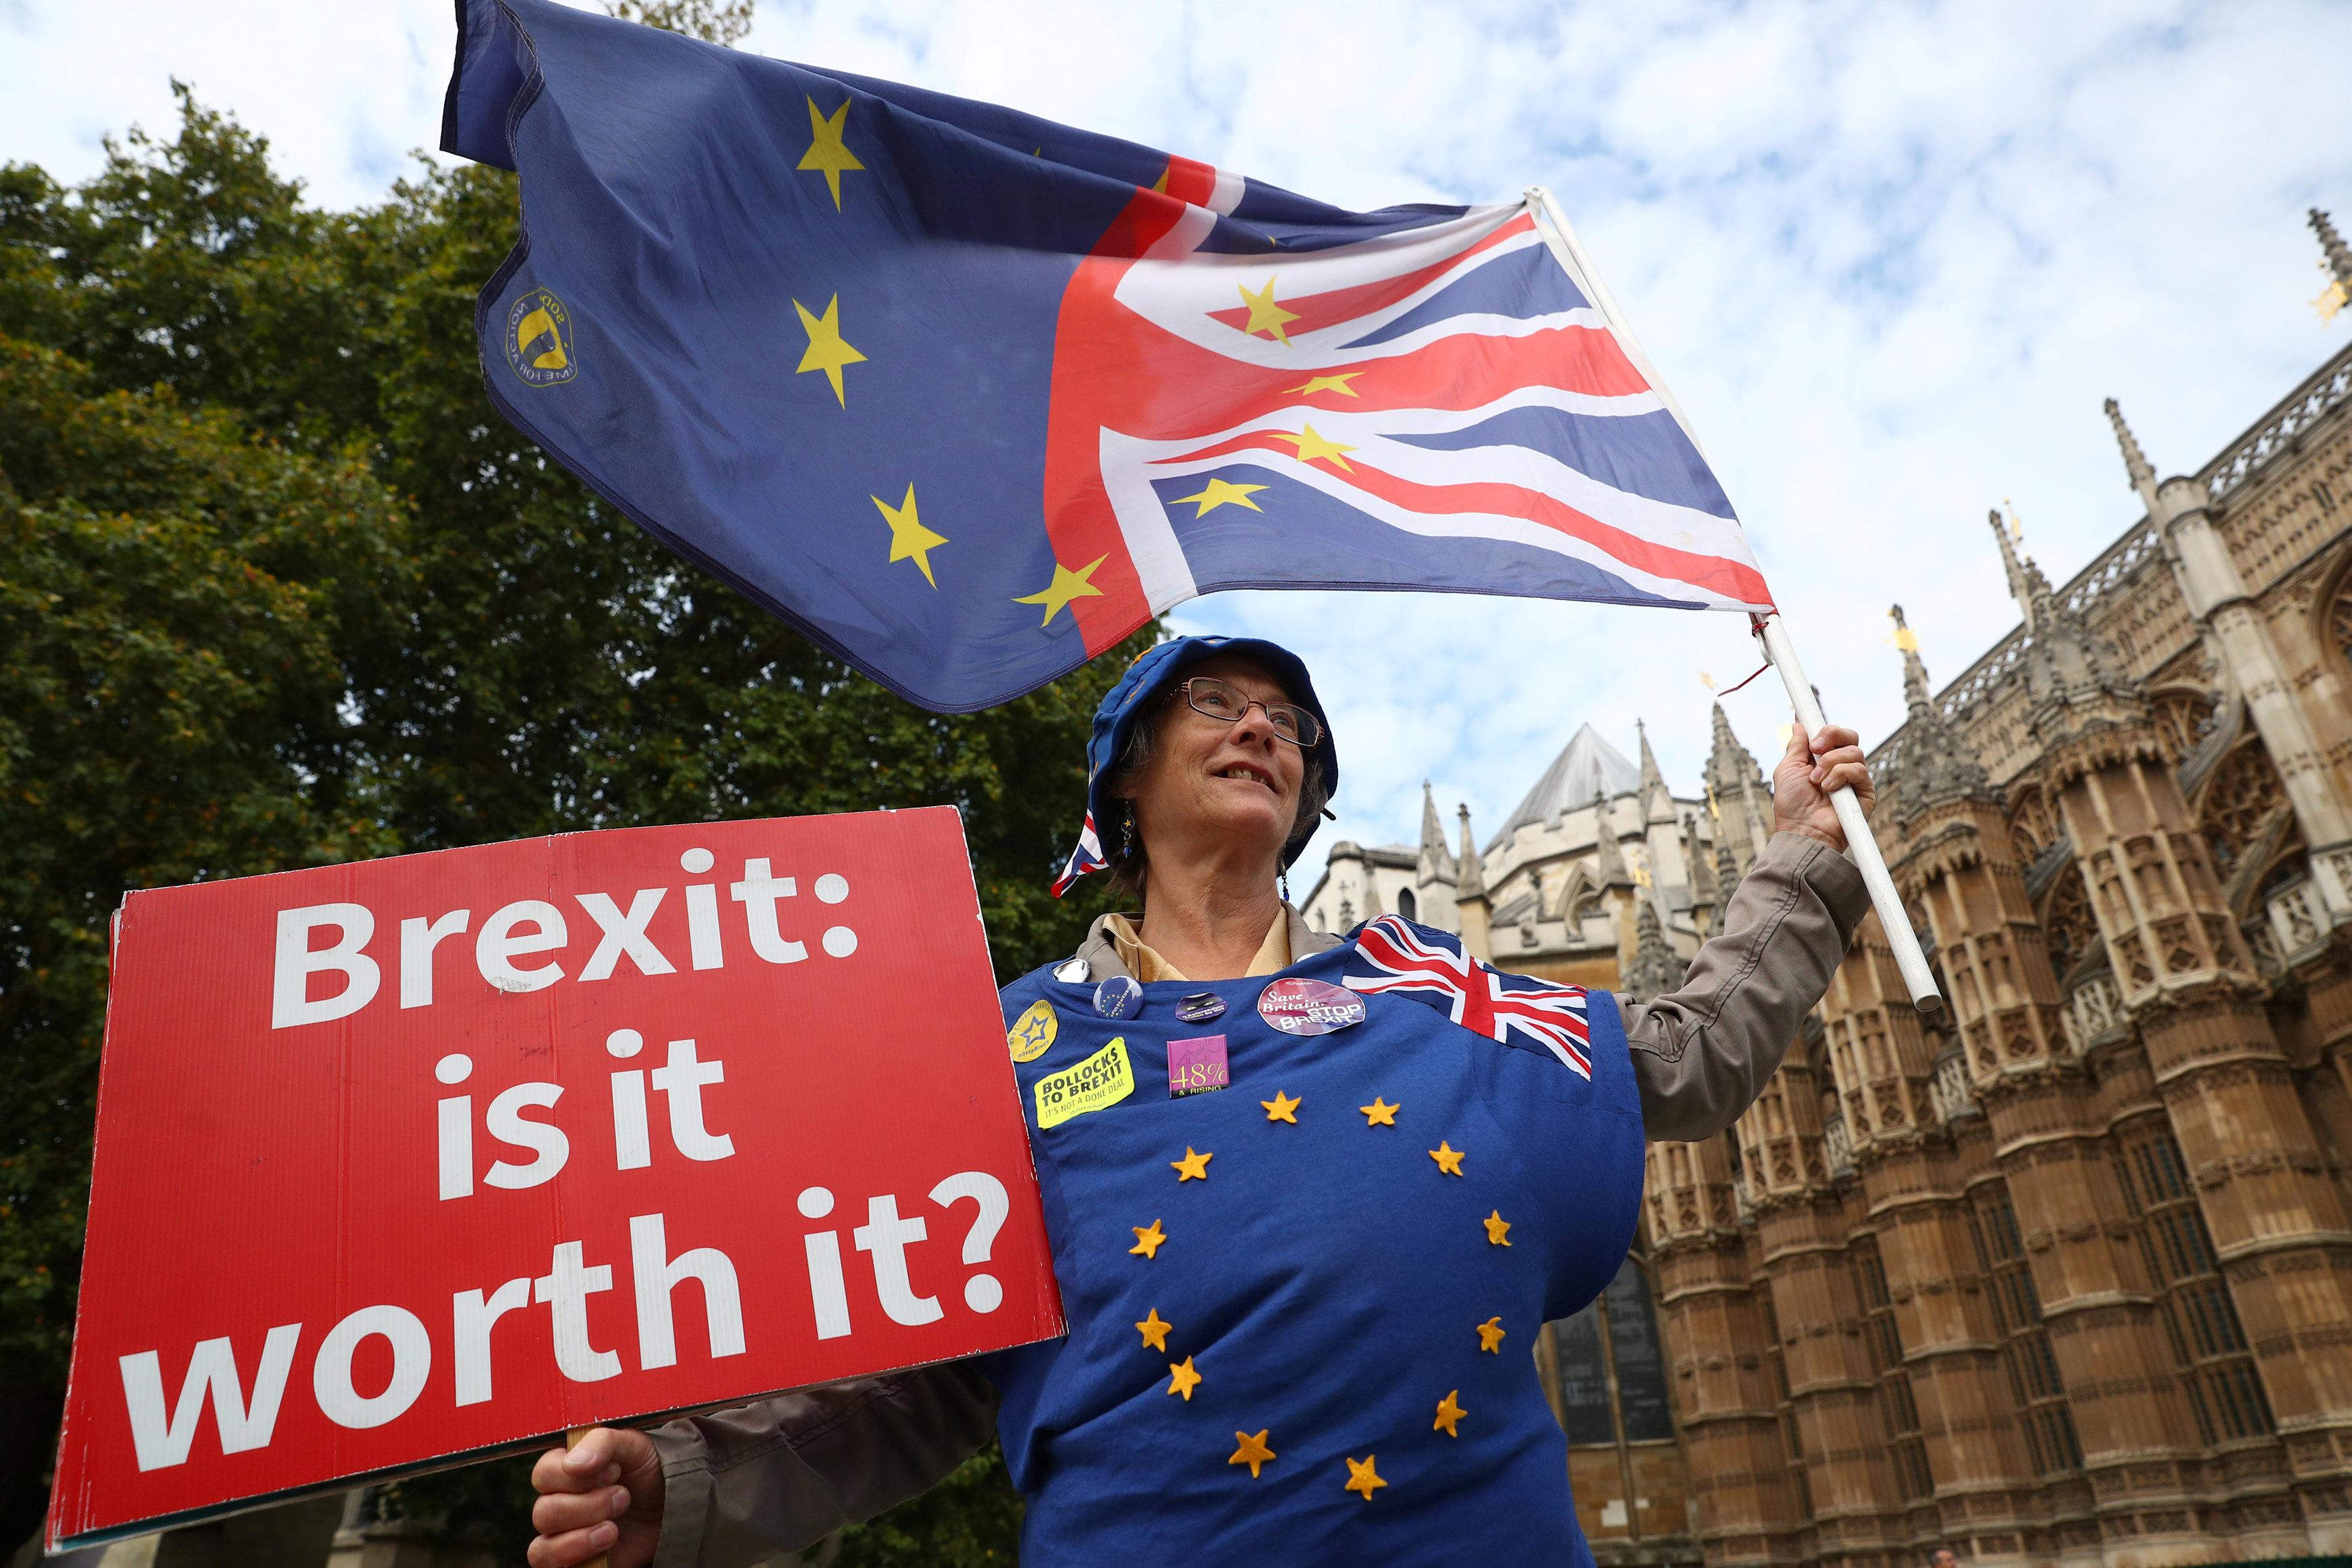 متظاهرة تلوح بعلم مقسوم بين بريطانيا والاتحاد الأوروبى